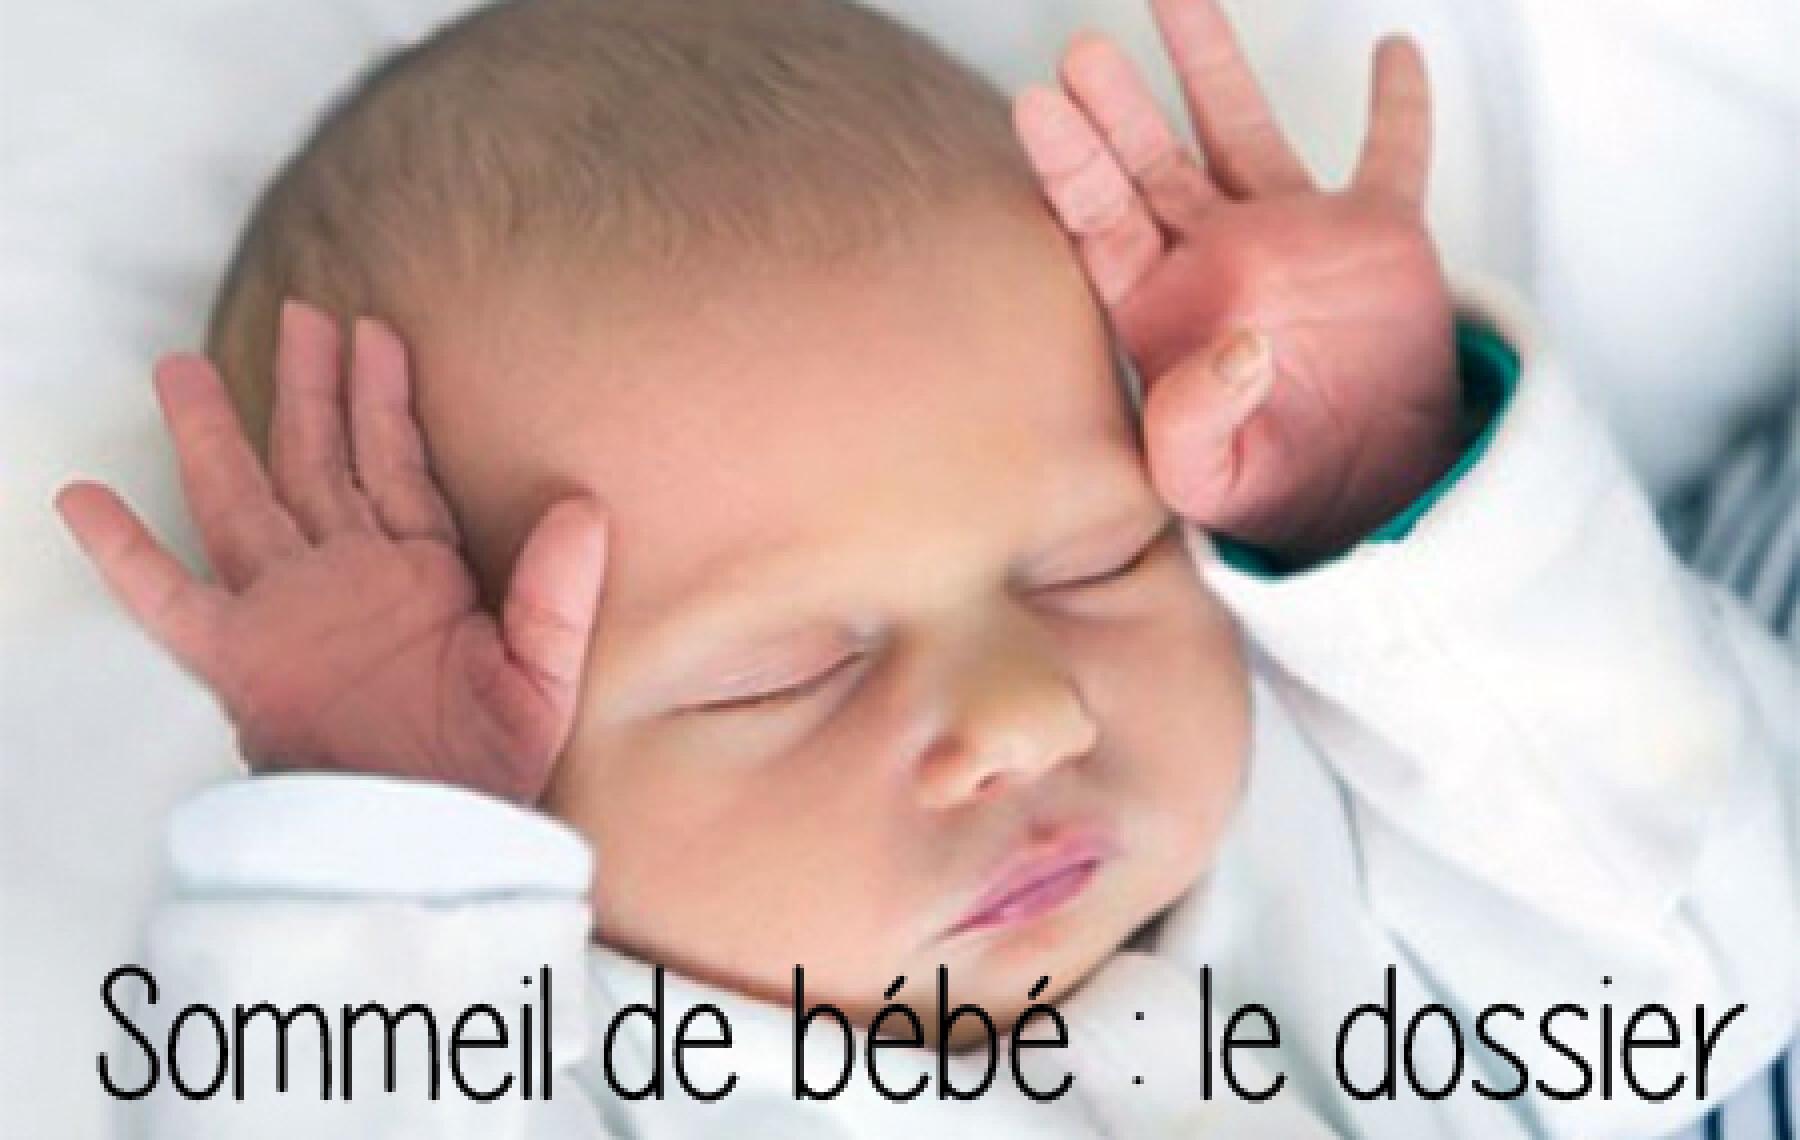 dossier sommeil bébé